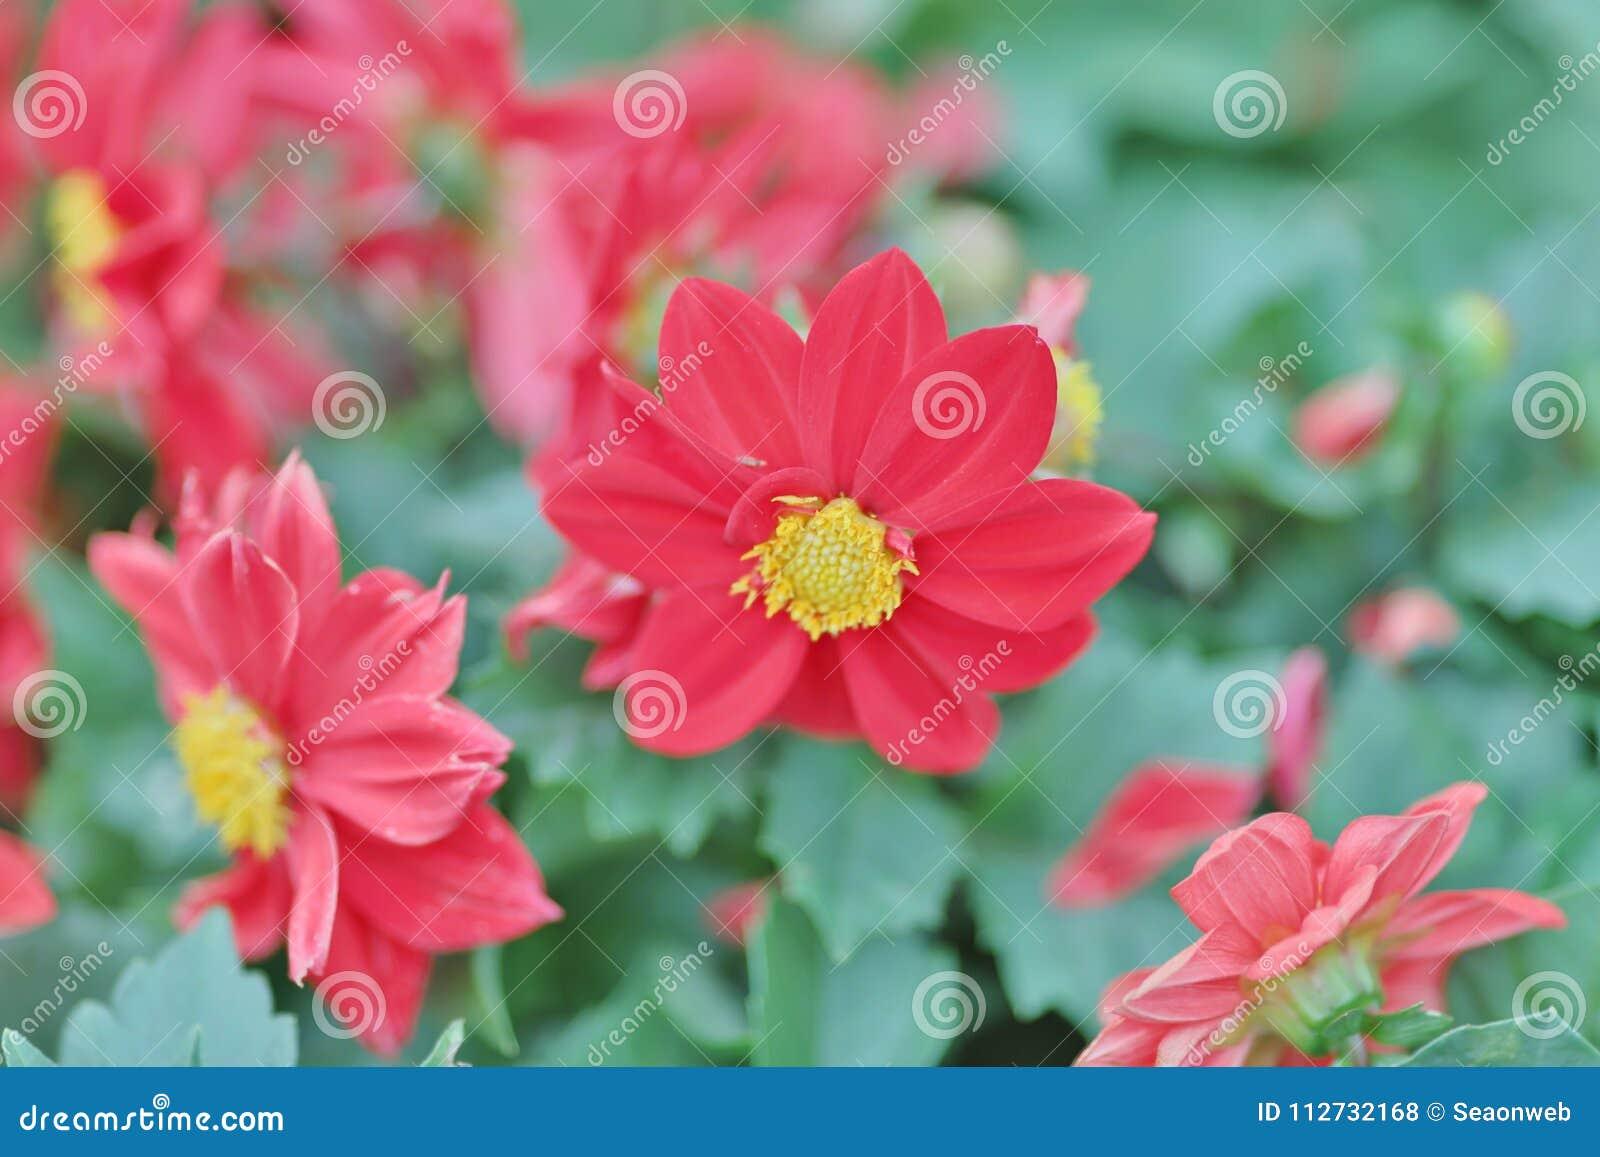 公园春天的开花的花圃